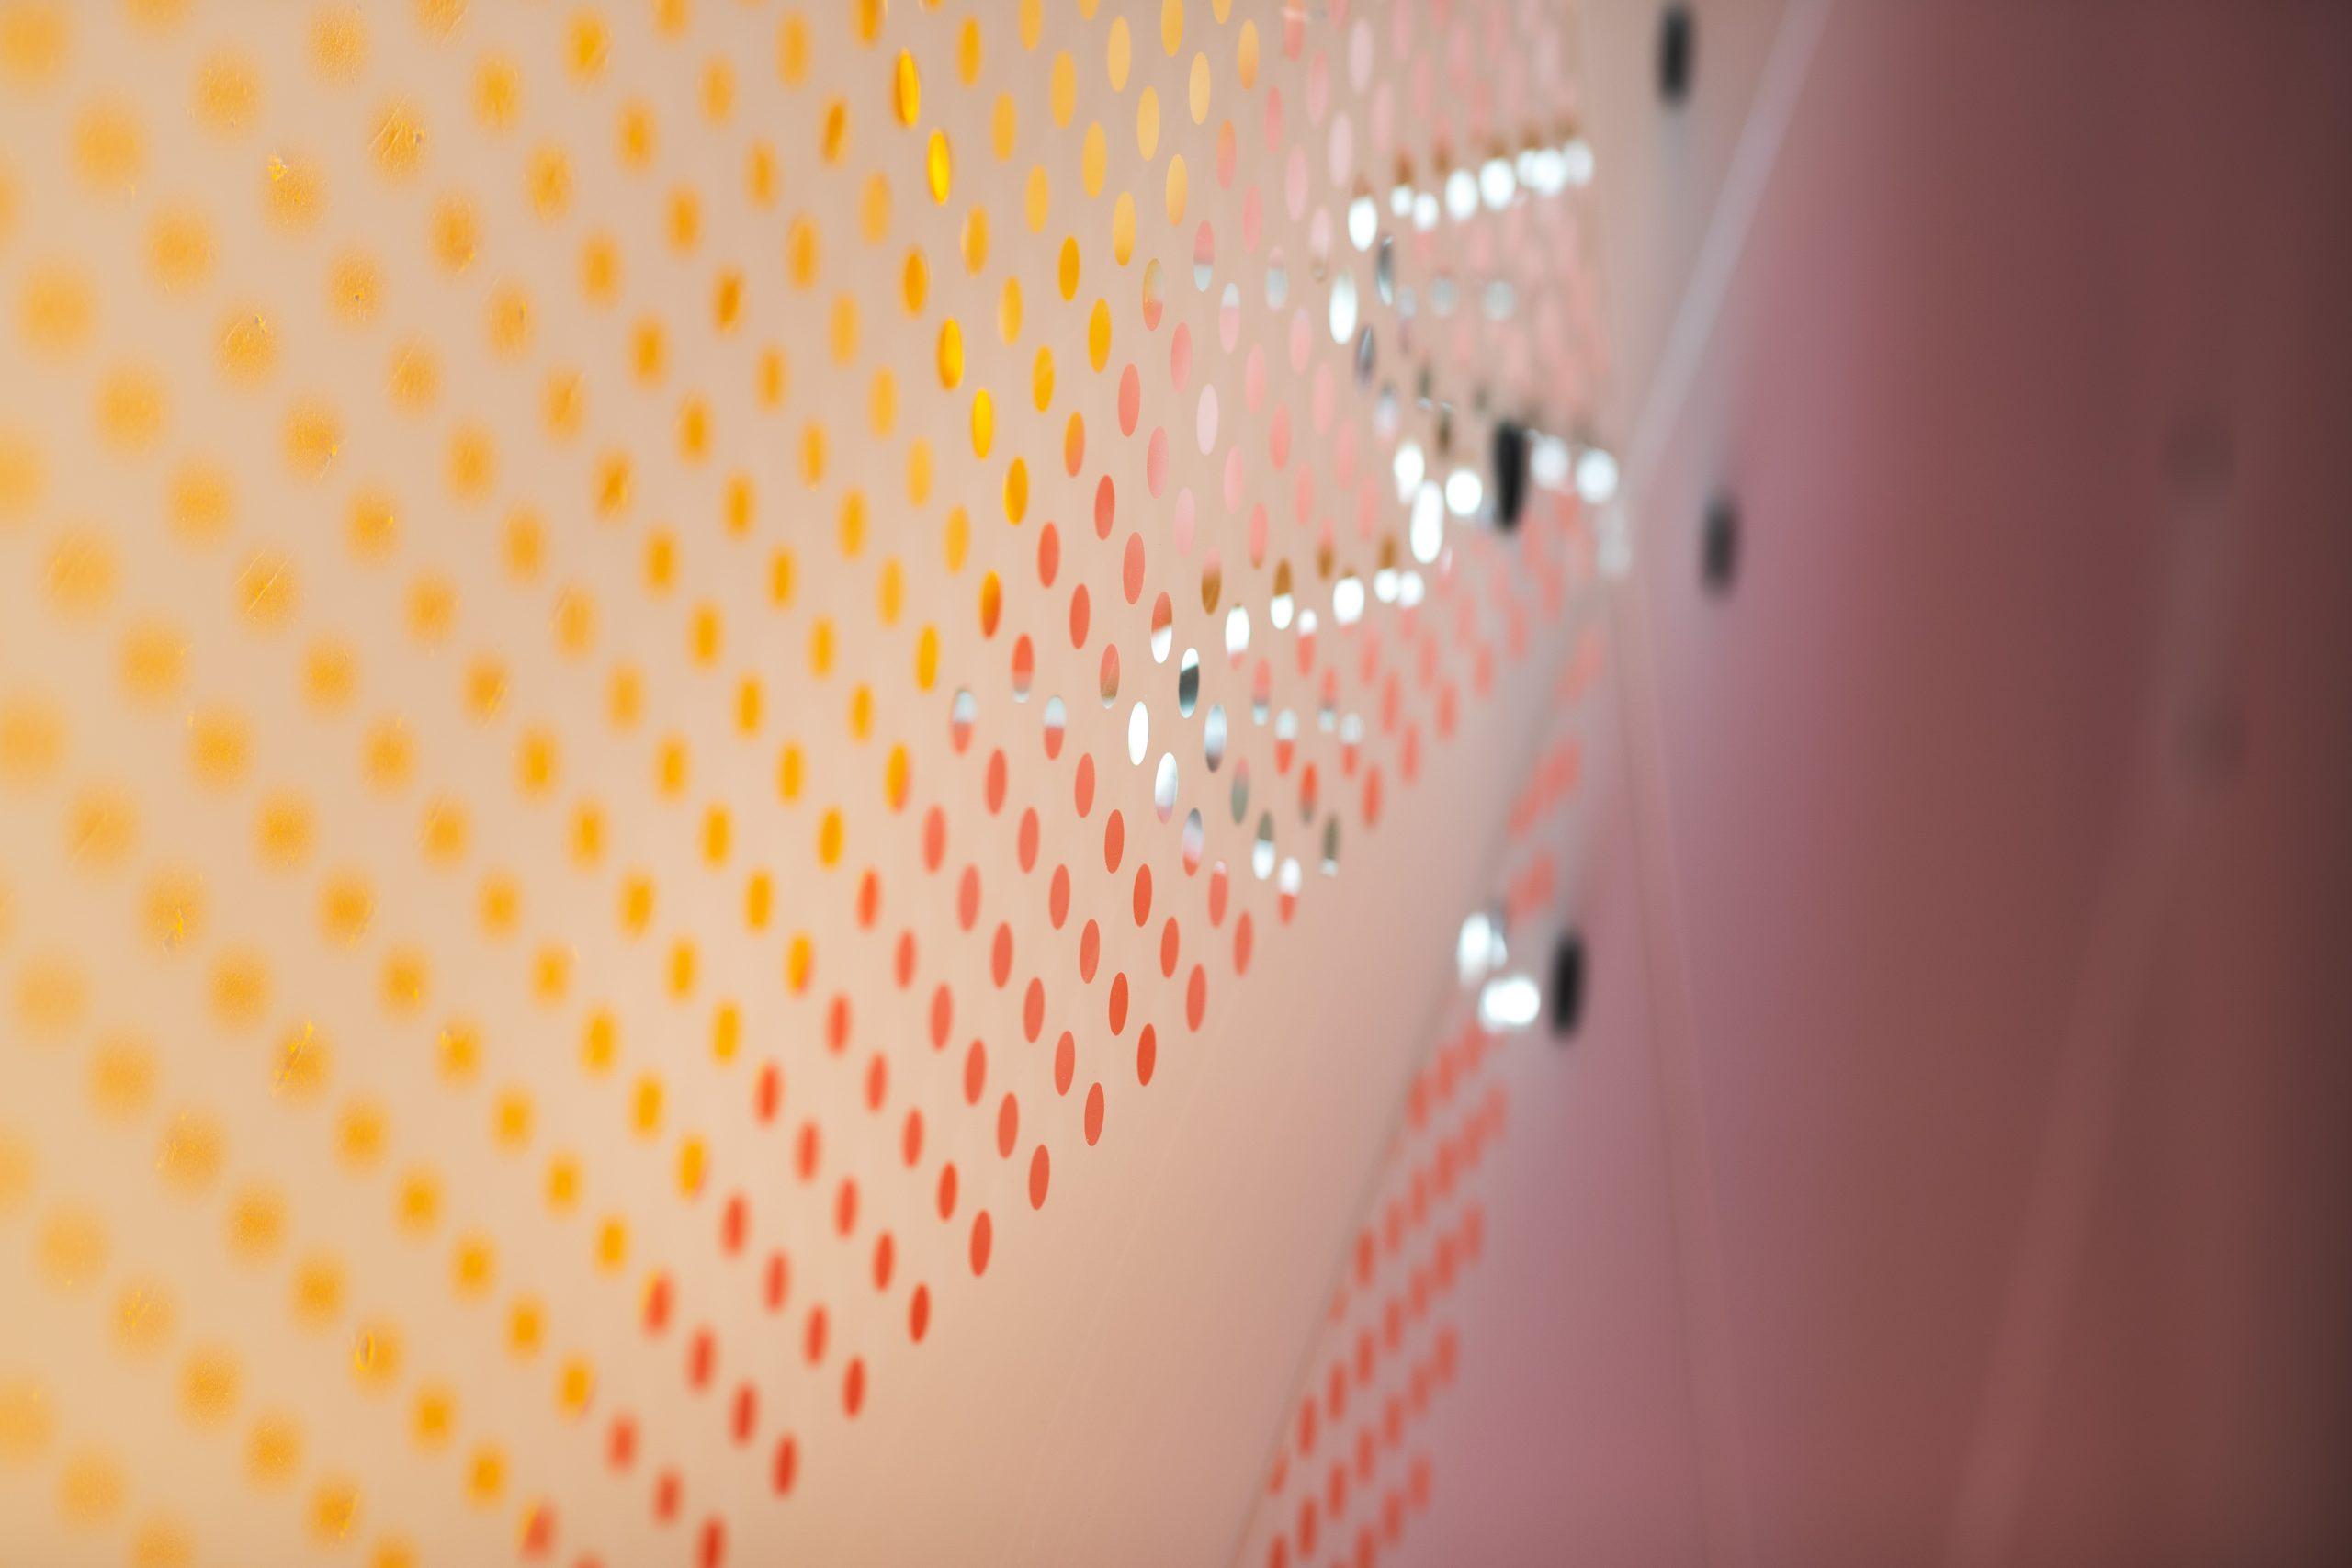 Lasiseinän läpi näkyvät värit keltaisenoranssi ja punainen